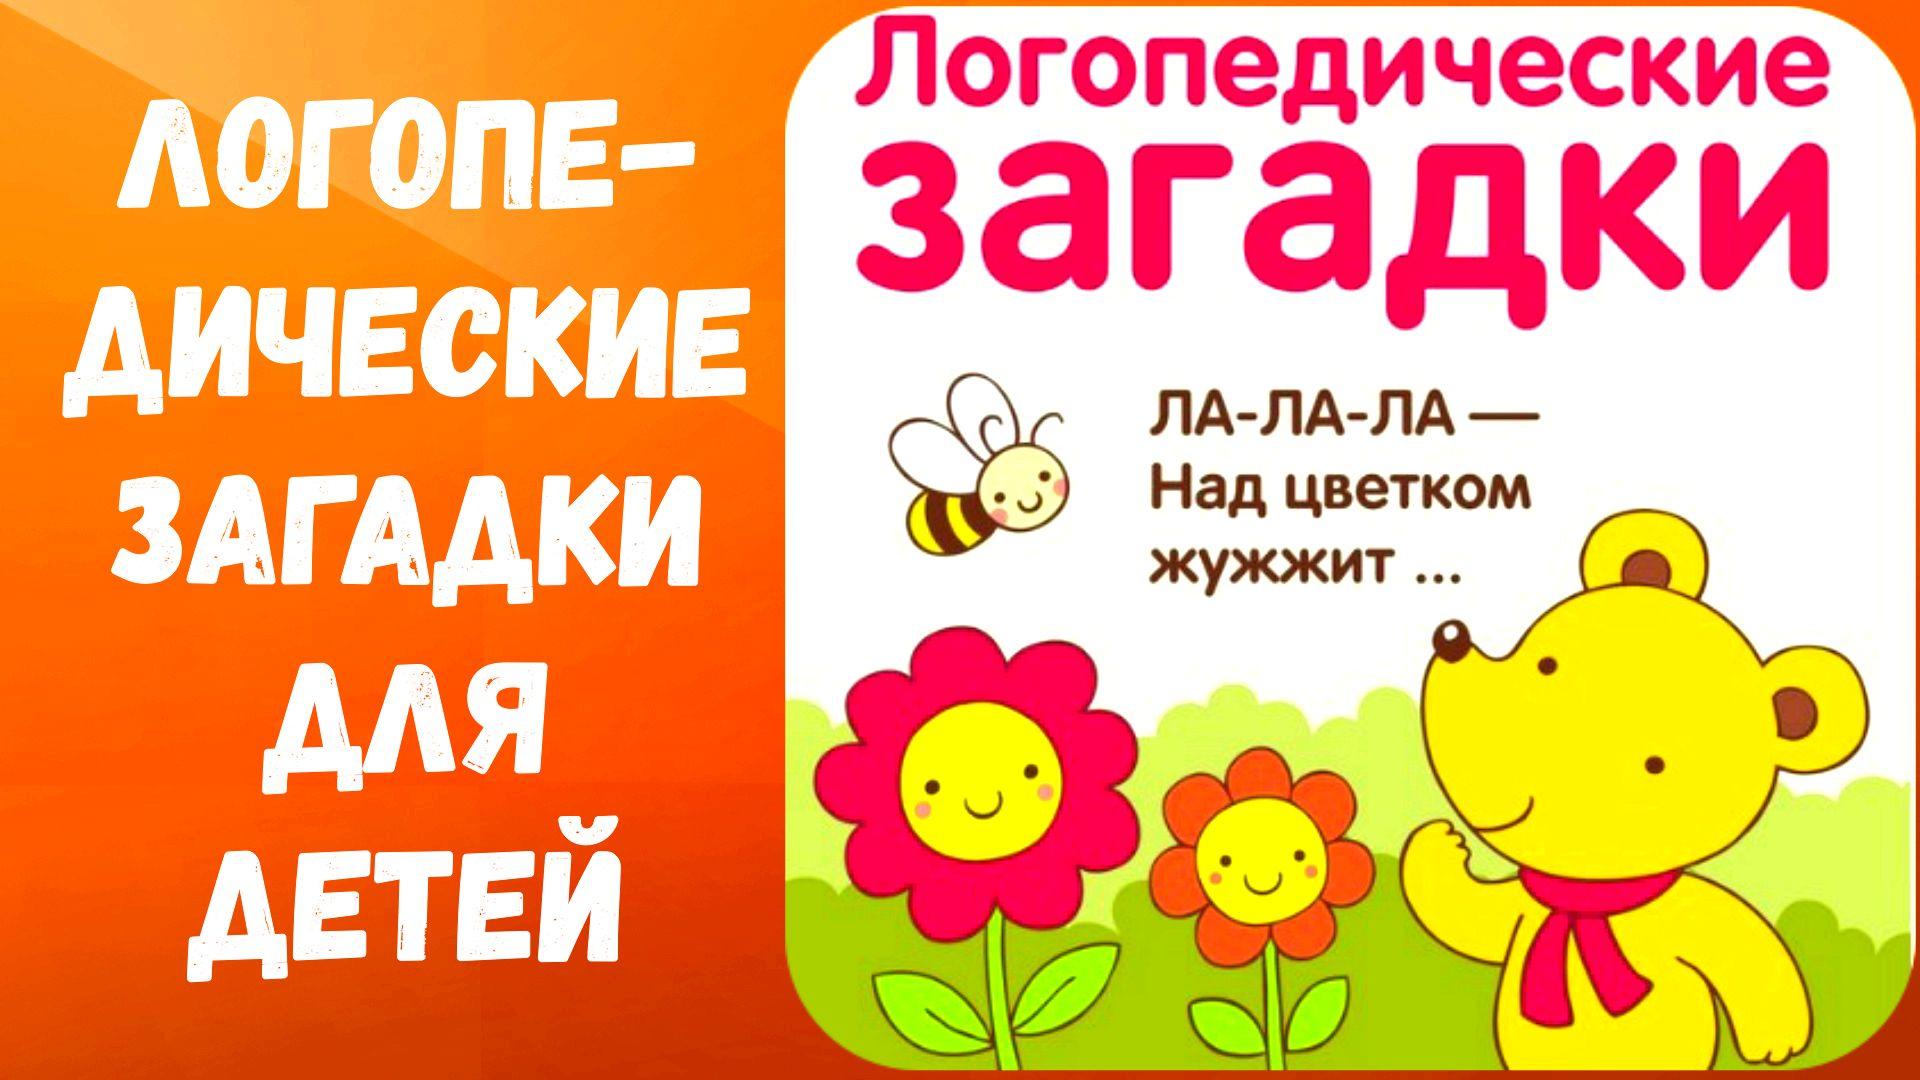 Logopedicheskie Zagadki Dlya Detej Ot 3 Let Razvivayushie Zanyatiya Igry Dlya Detej Igry I Drugie Zanyatiya Dlya Detej Detskie Igry Doshkolnik